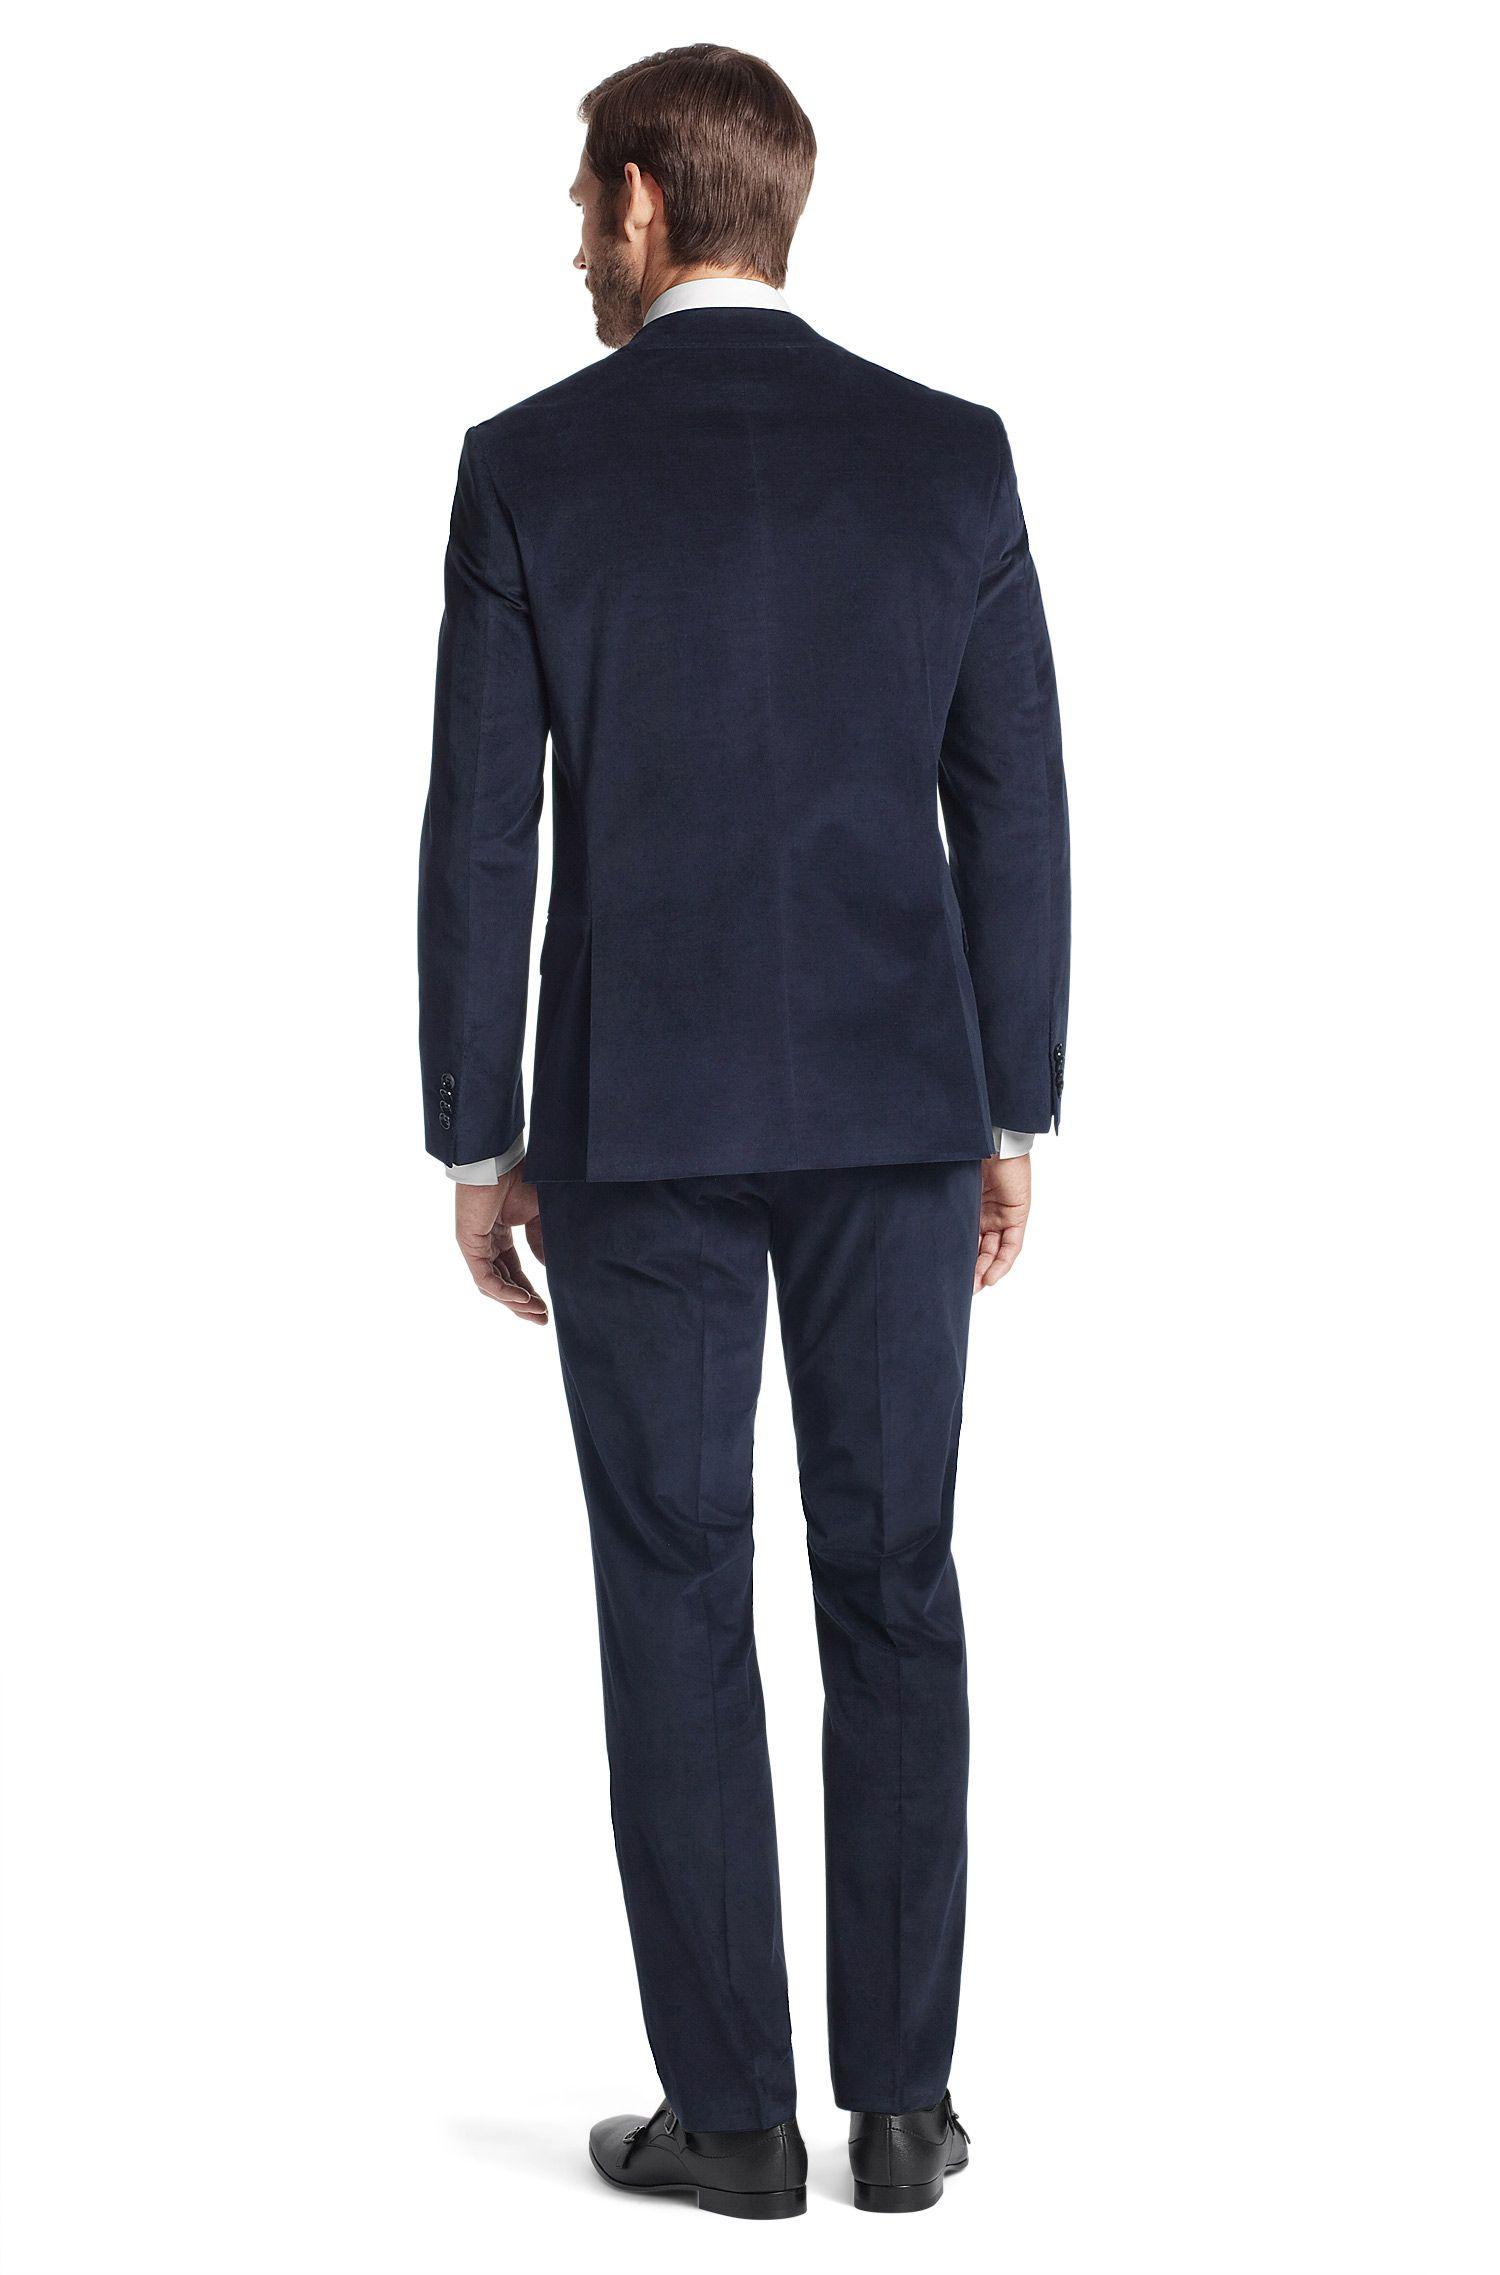 Anzug ´Hedge1/Gense1` aus Babykord